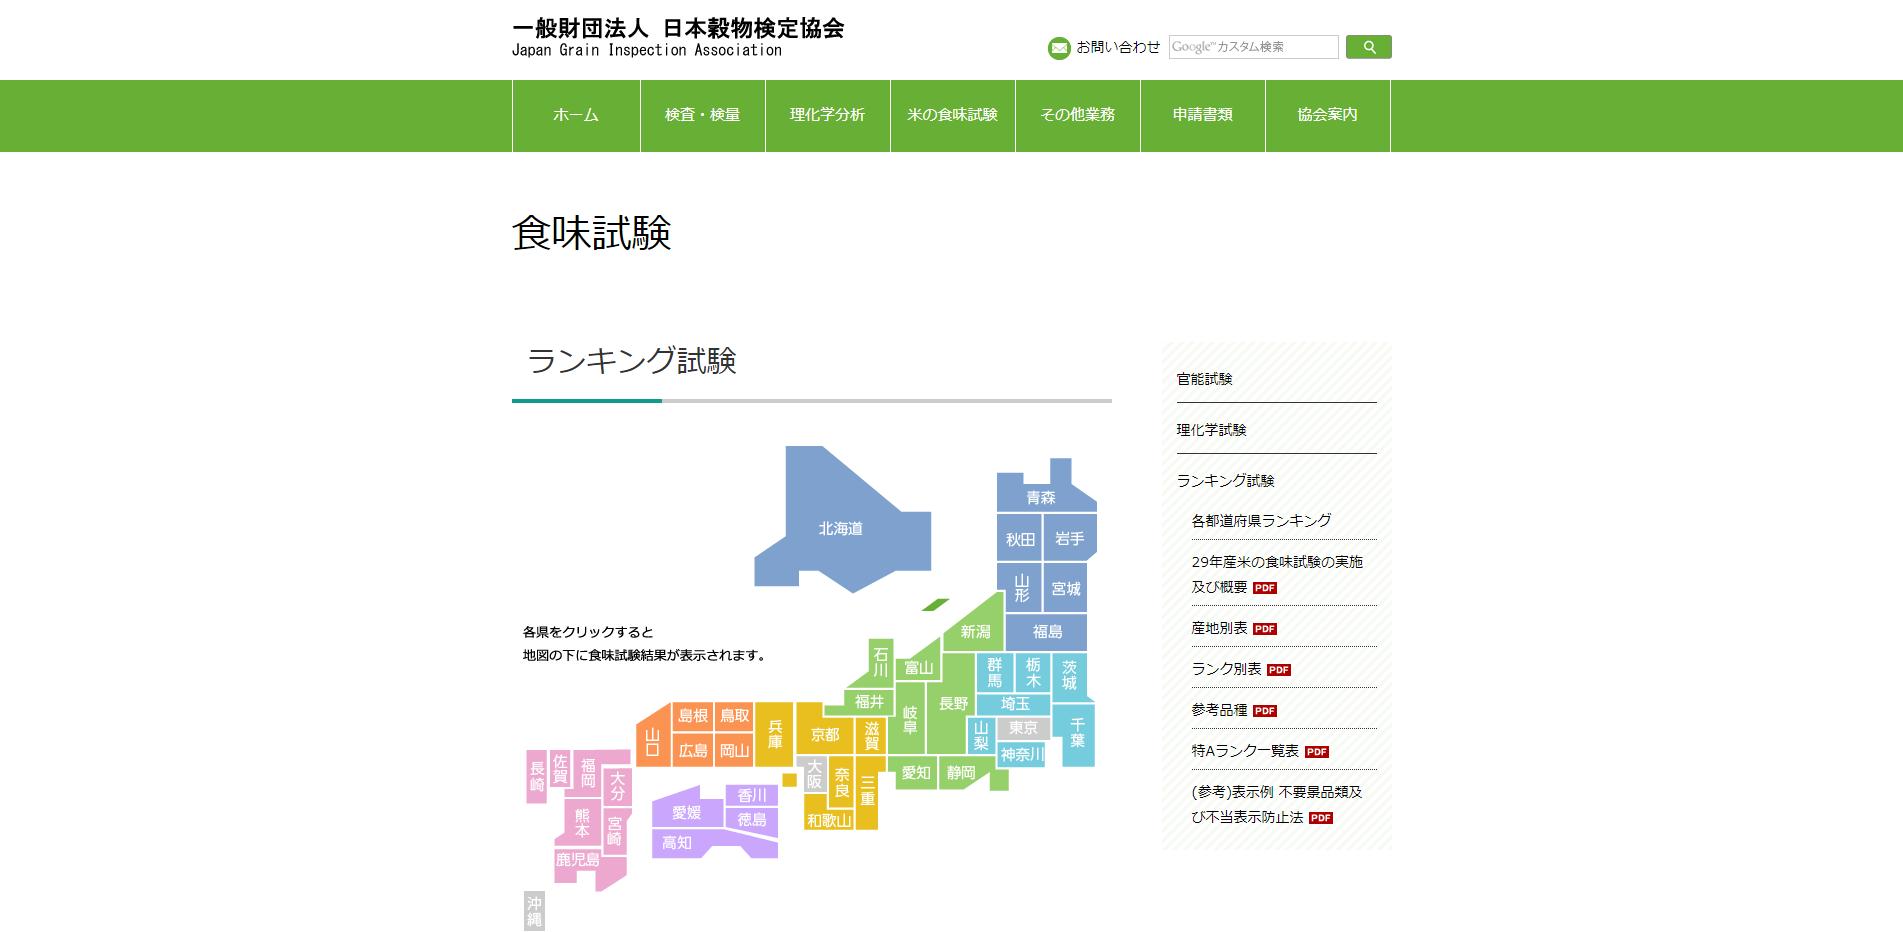 ランキング試験 食味試験 日本穀物検定協会